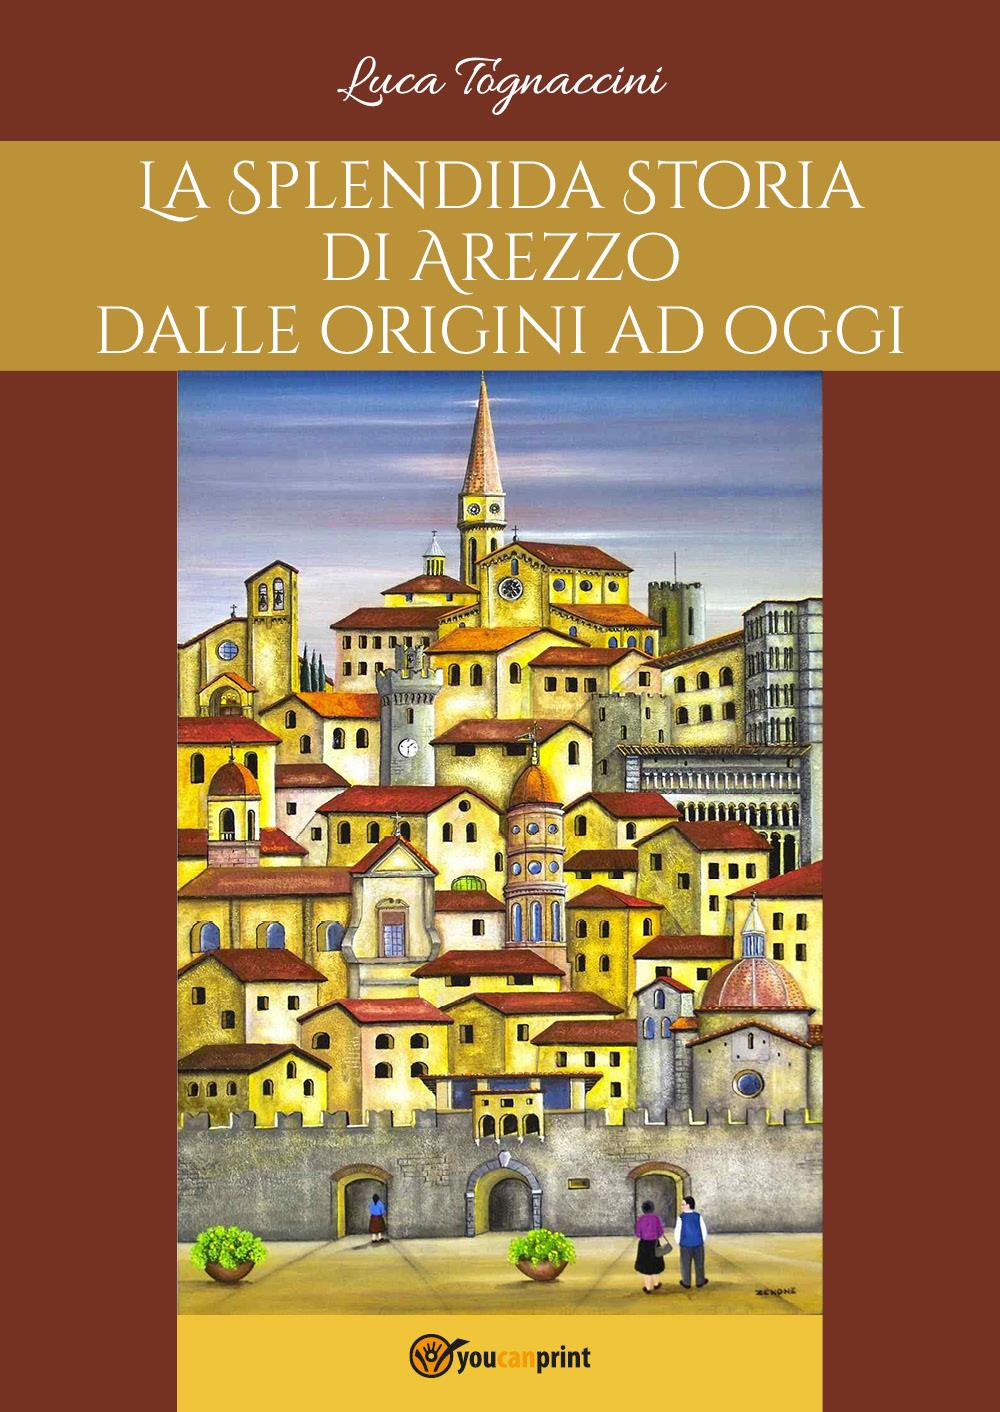 La Splendida Storia di Arezzo dalle origini ad oggi